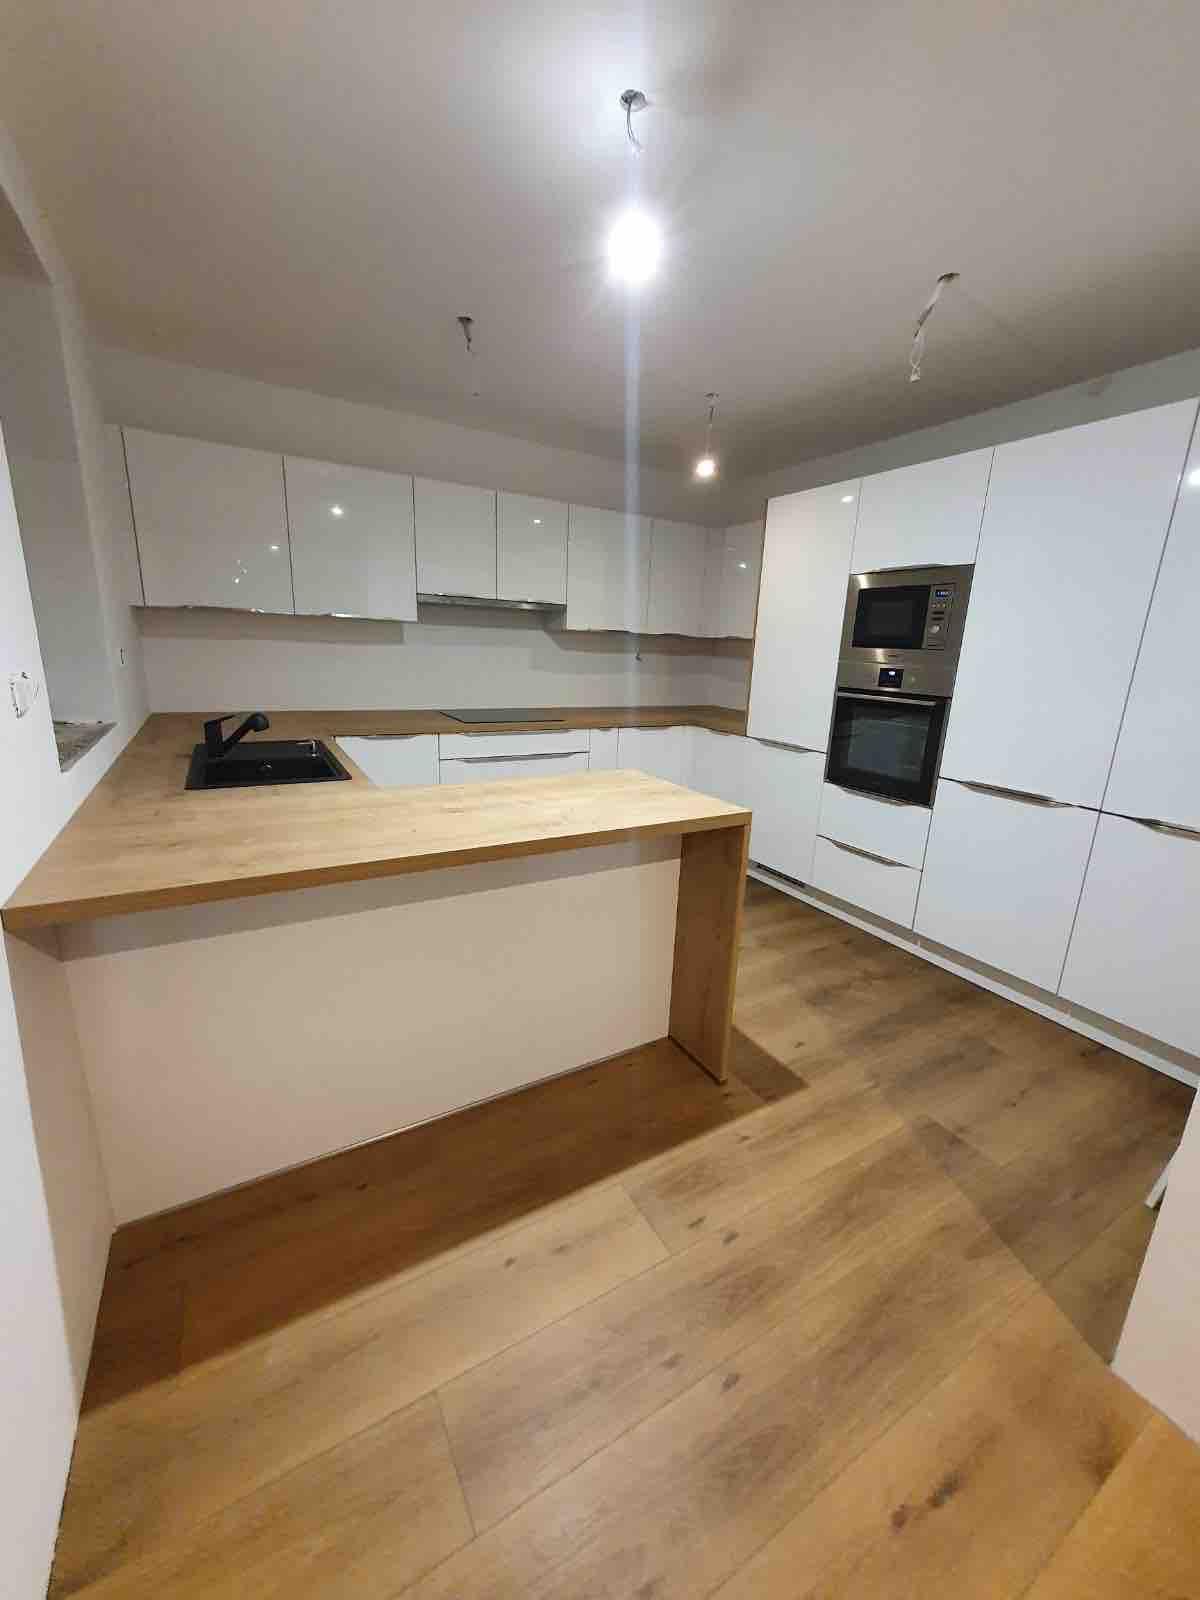 Domček 😍 - Hotovo už len obklad za kuchyňu, svetlá, parapetu, stoličky dnes objednané a doplnky 😍